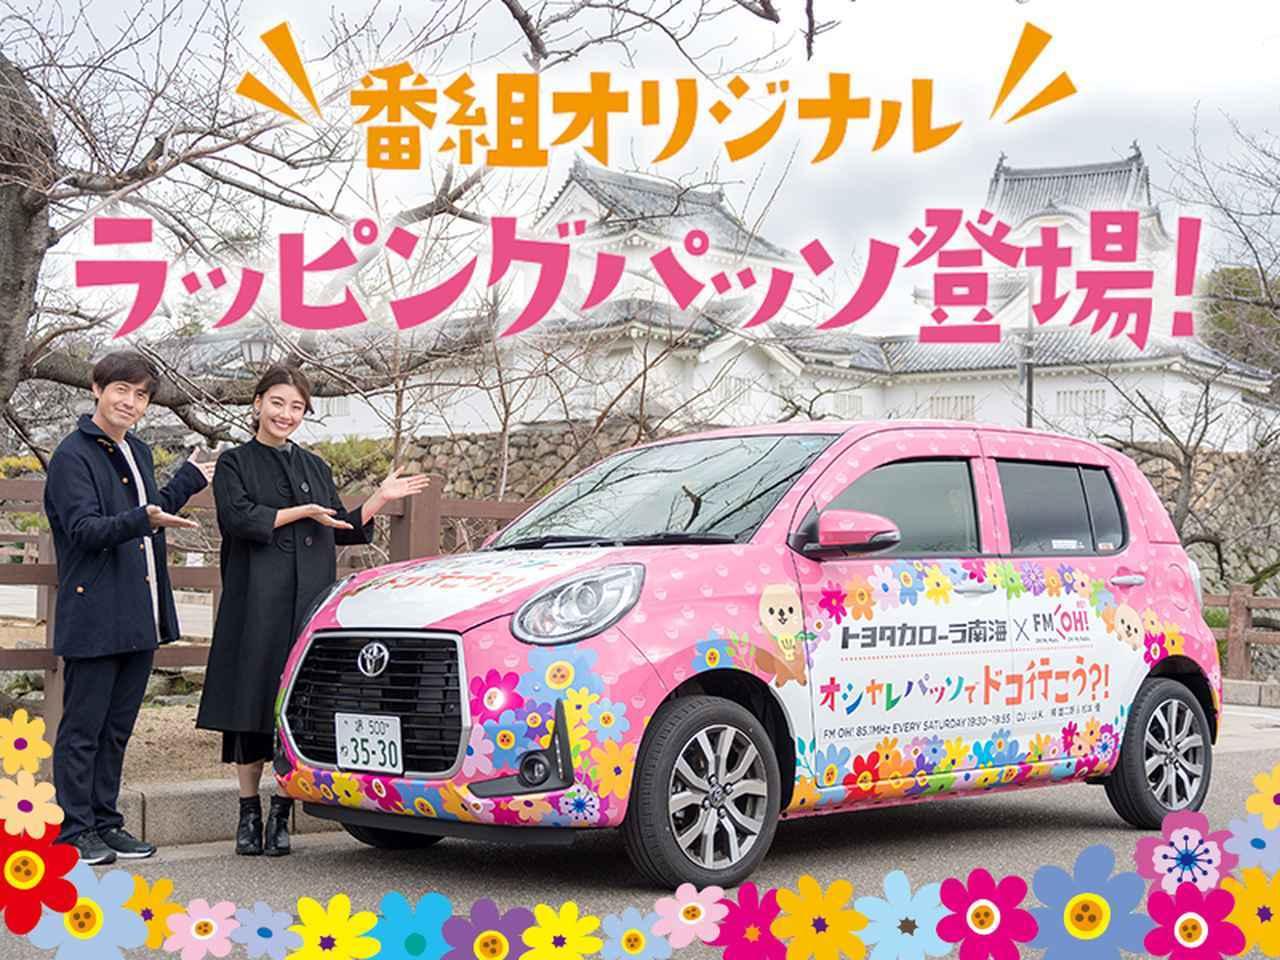 画像: 【重大発表】オリジナルラッピングパッソ登場! - FM OH! 85.1